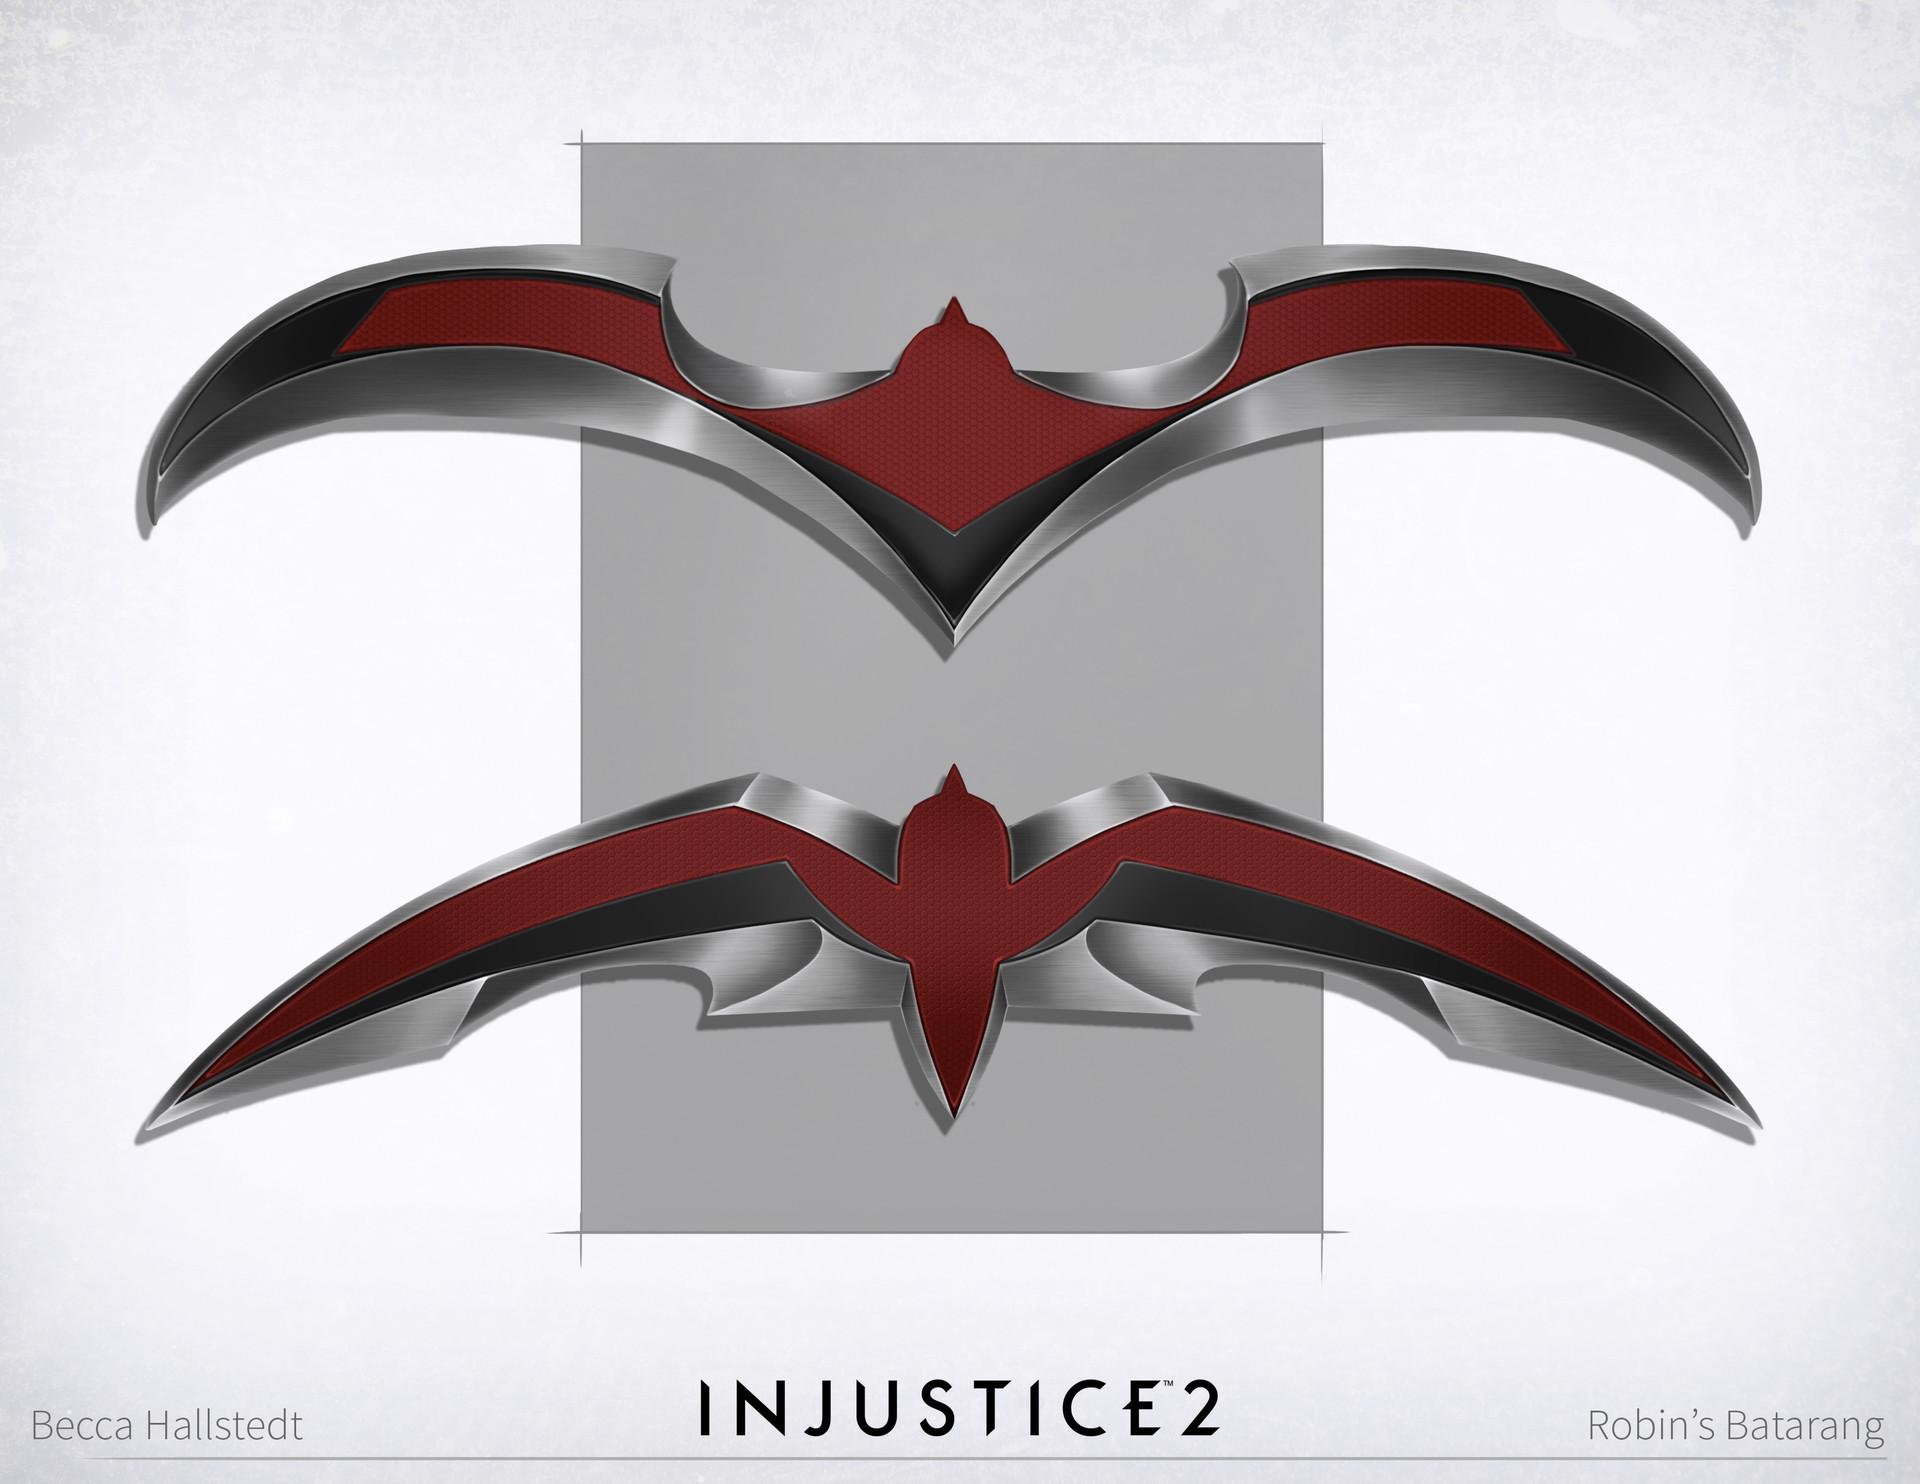 Becca Hallstedt Design Injustice 2 Batman Robin Red